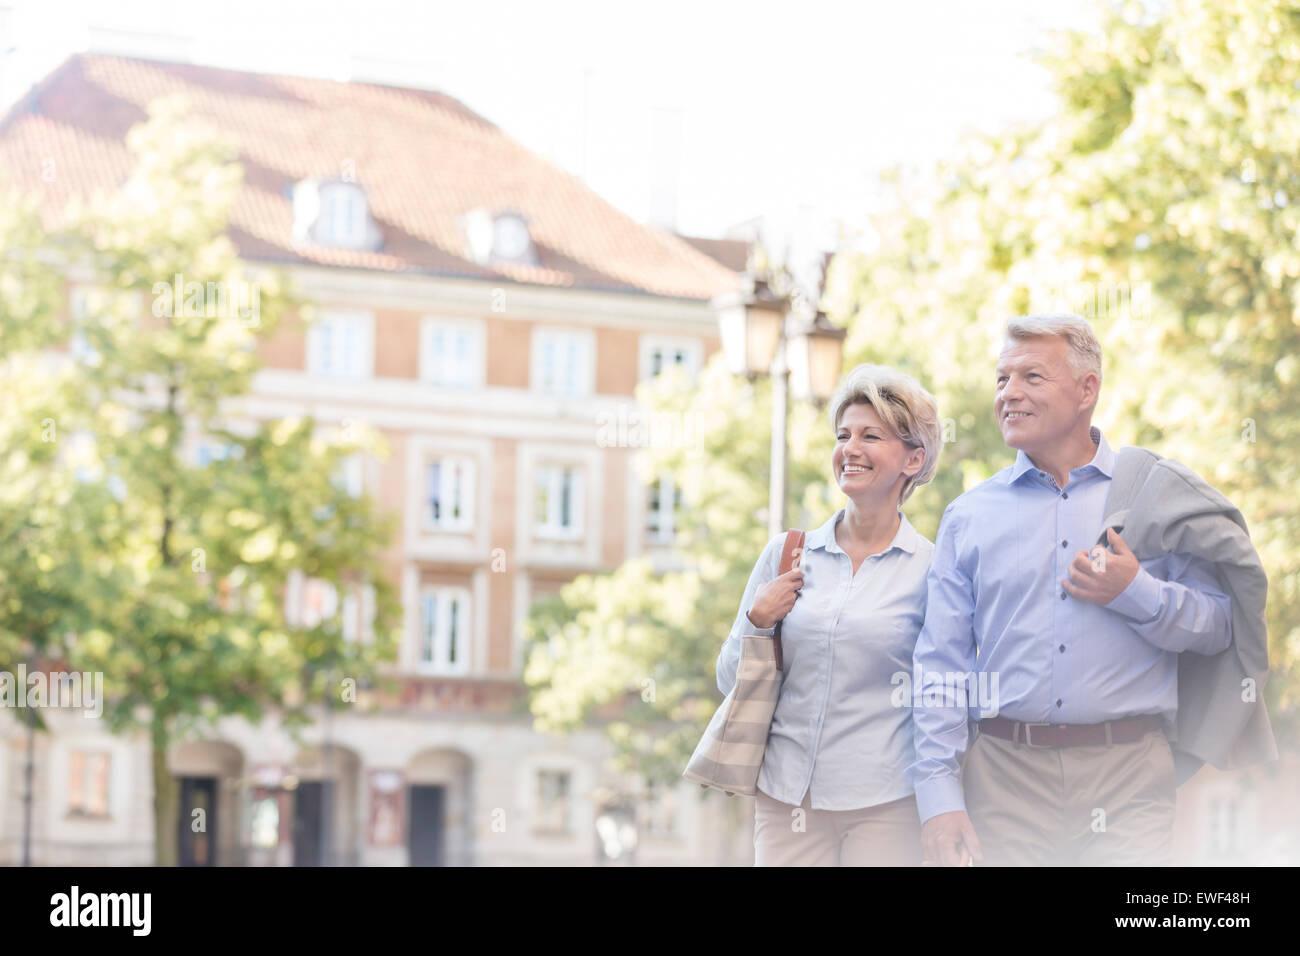 Glückliches Ehepaar mittleren Alters zu Fuß in die Stadt Stockbild